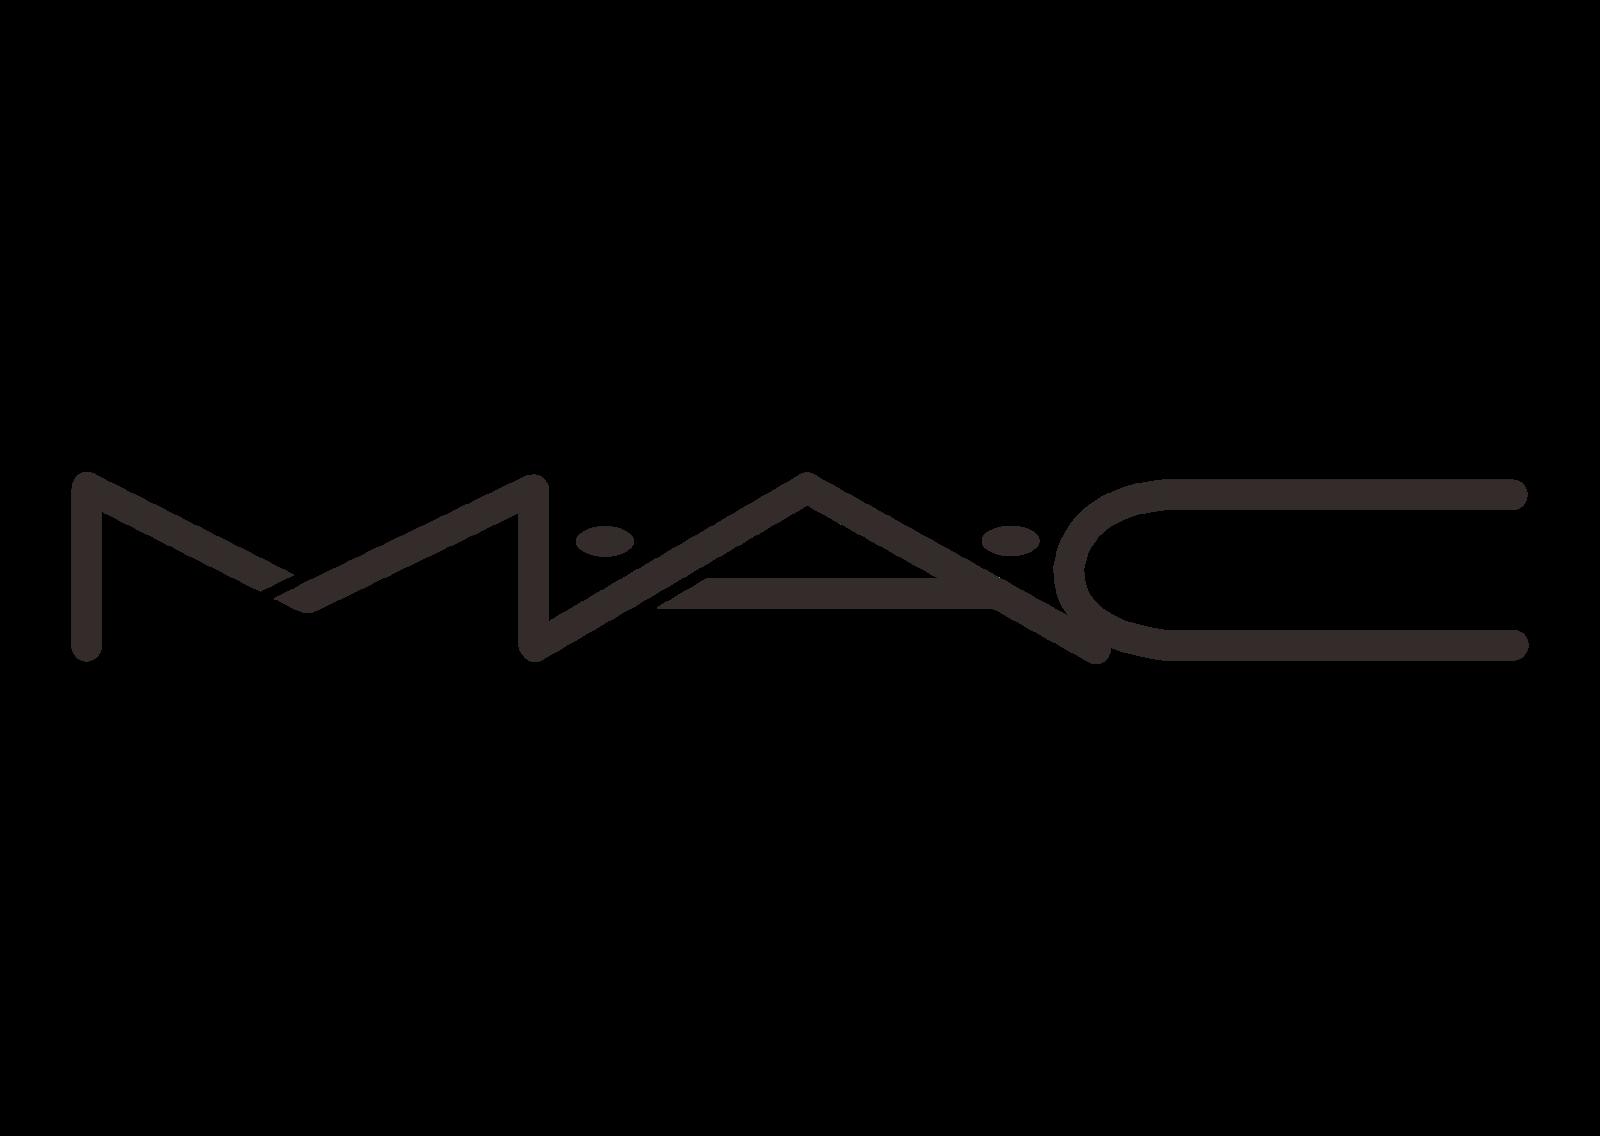 mac logo png transparent wwwimgkidcom the image kid